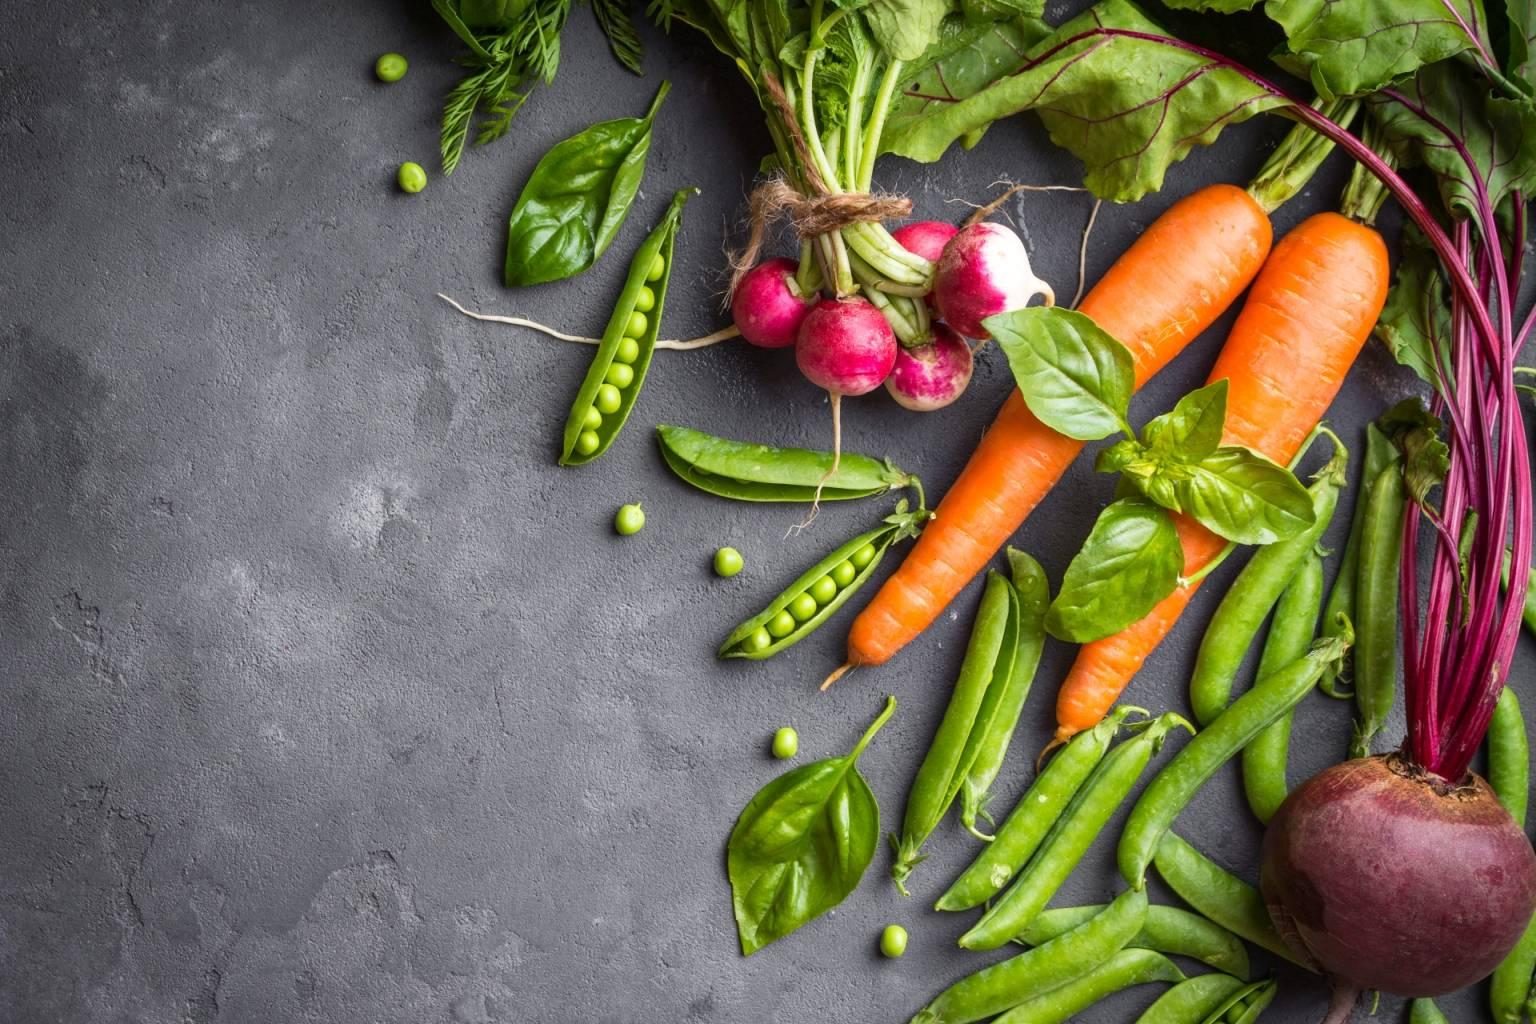 Marchewka, groszek, rzodkiew i burak leżą na betonowym blacie. Na czym polega wegetarianizm?